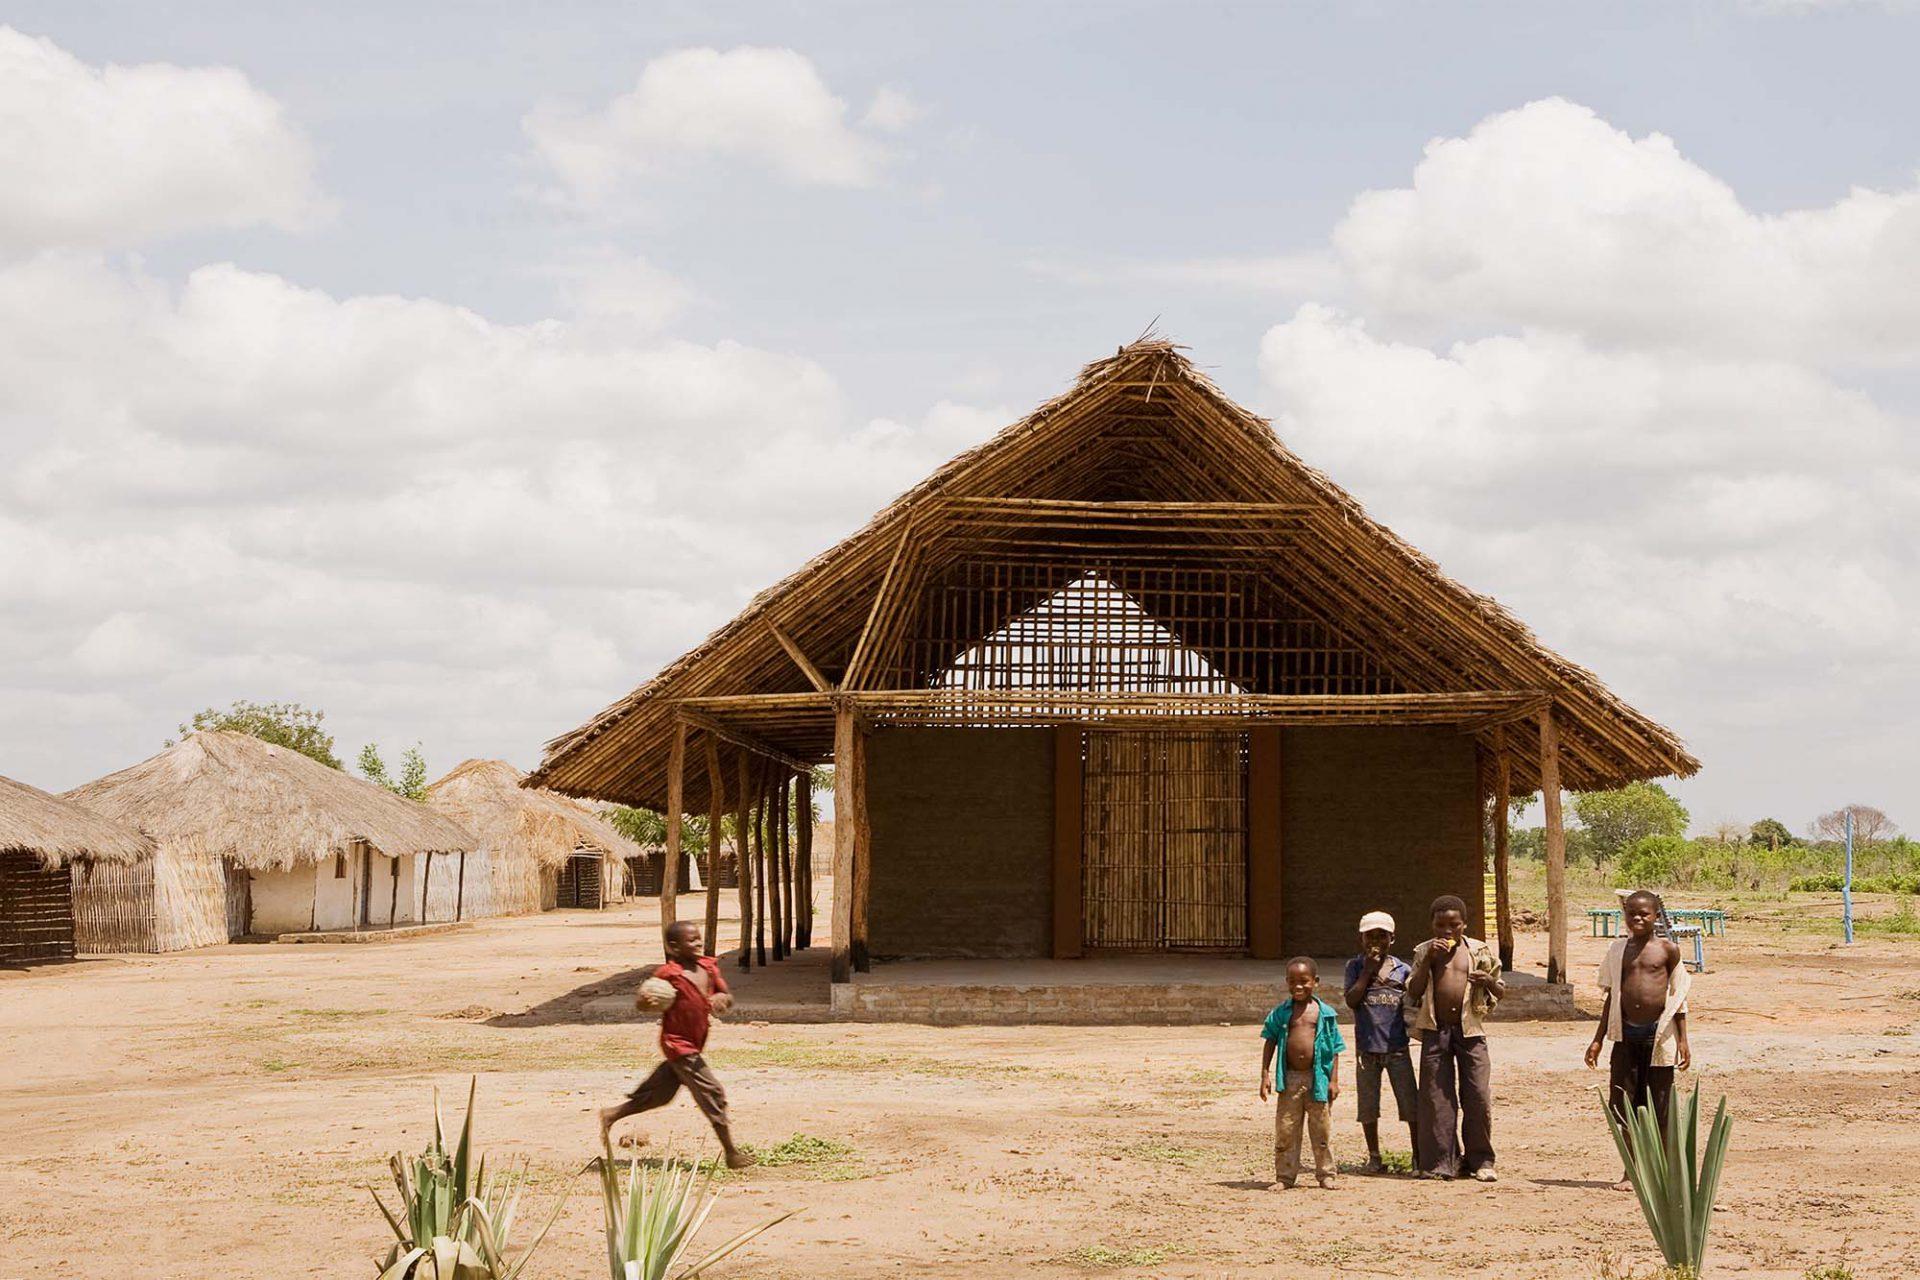 Habitat Initiative Cabo Delgado, Mosambik. Neubau von 11 Vorschulen und Gemeindehäusern in Dörfern der Region Cabo Delgado im armen Norden Mosambiks unter Verwendung lokaler Baumaterialien: Lehm, Bambus und Palmblätter.